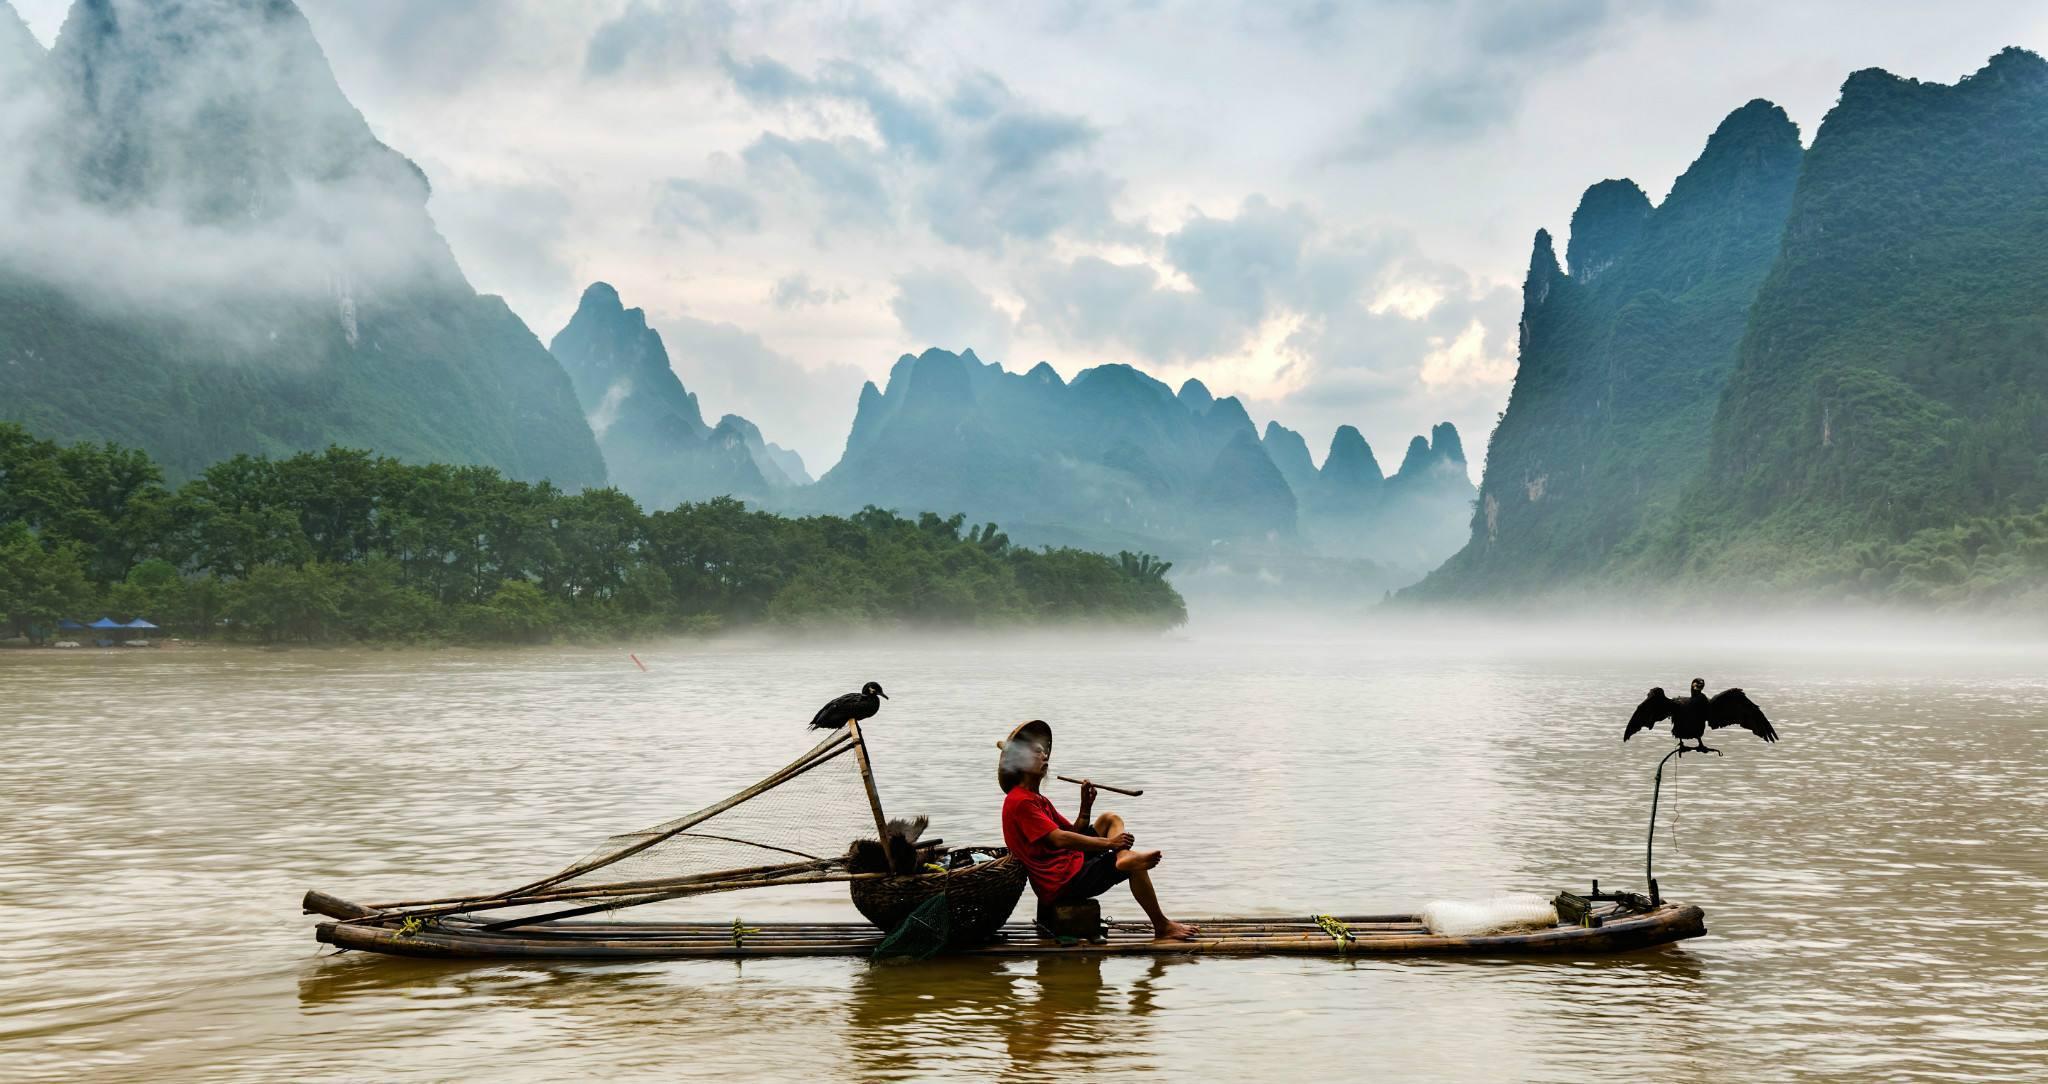 广西桂林旅游攻略:一份超详细的桂林旅游攻略 让出游更顺利